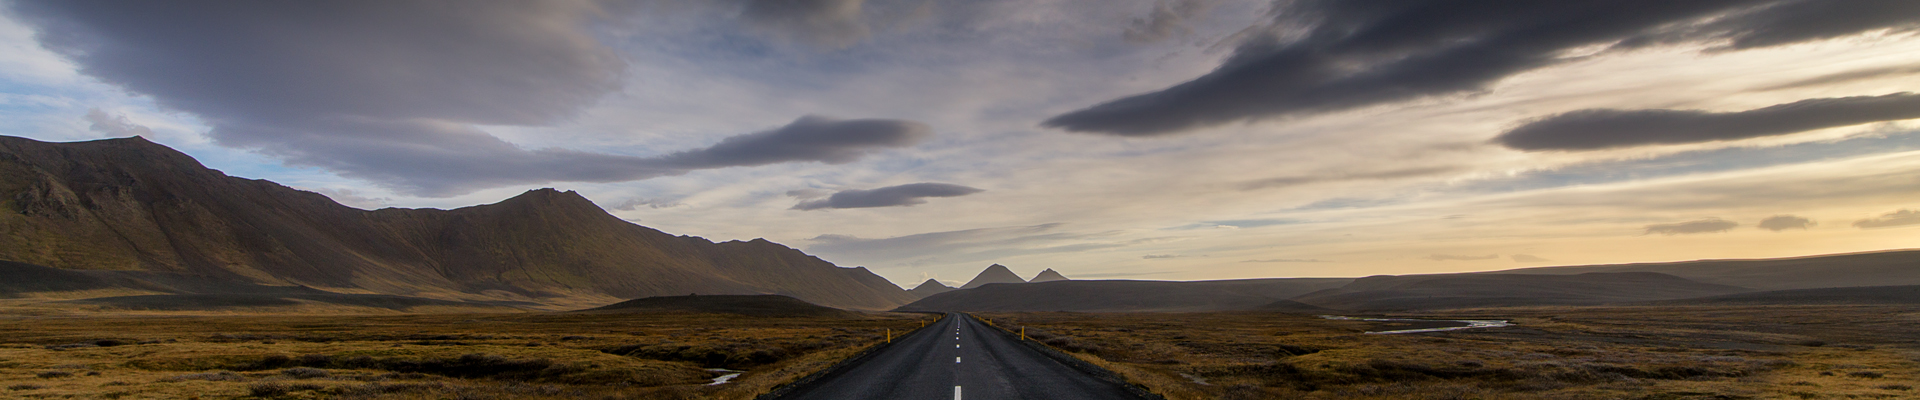 road sky